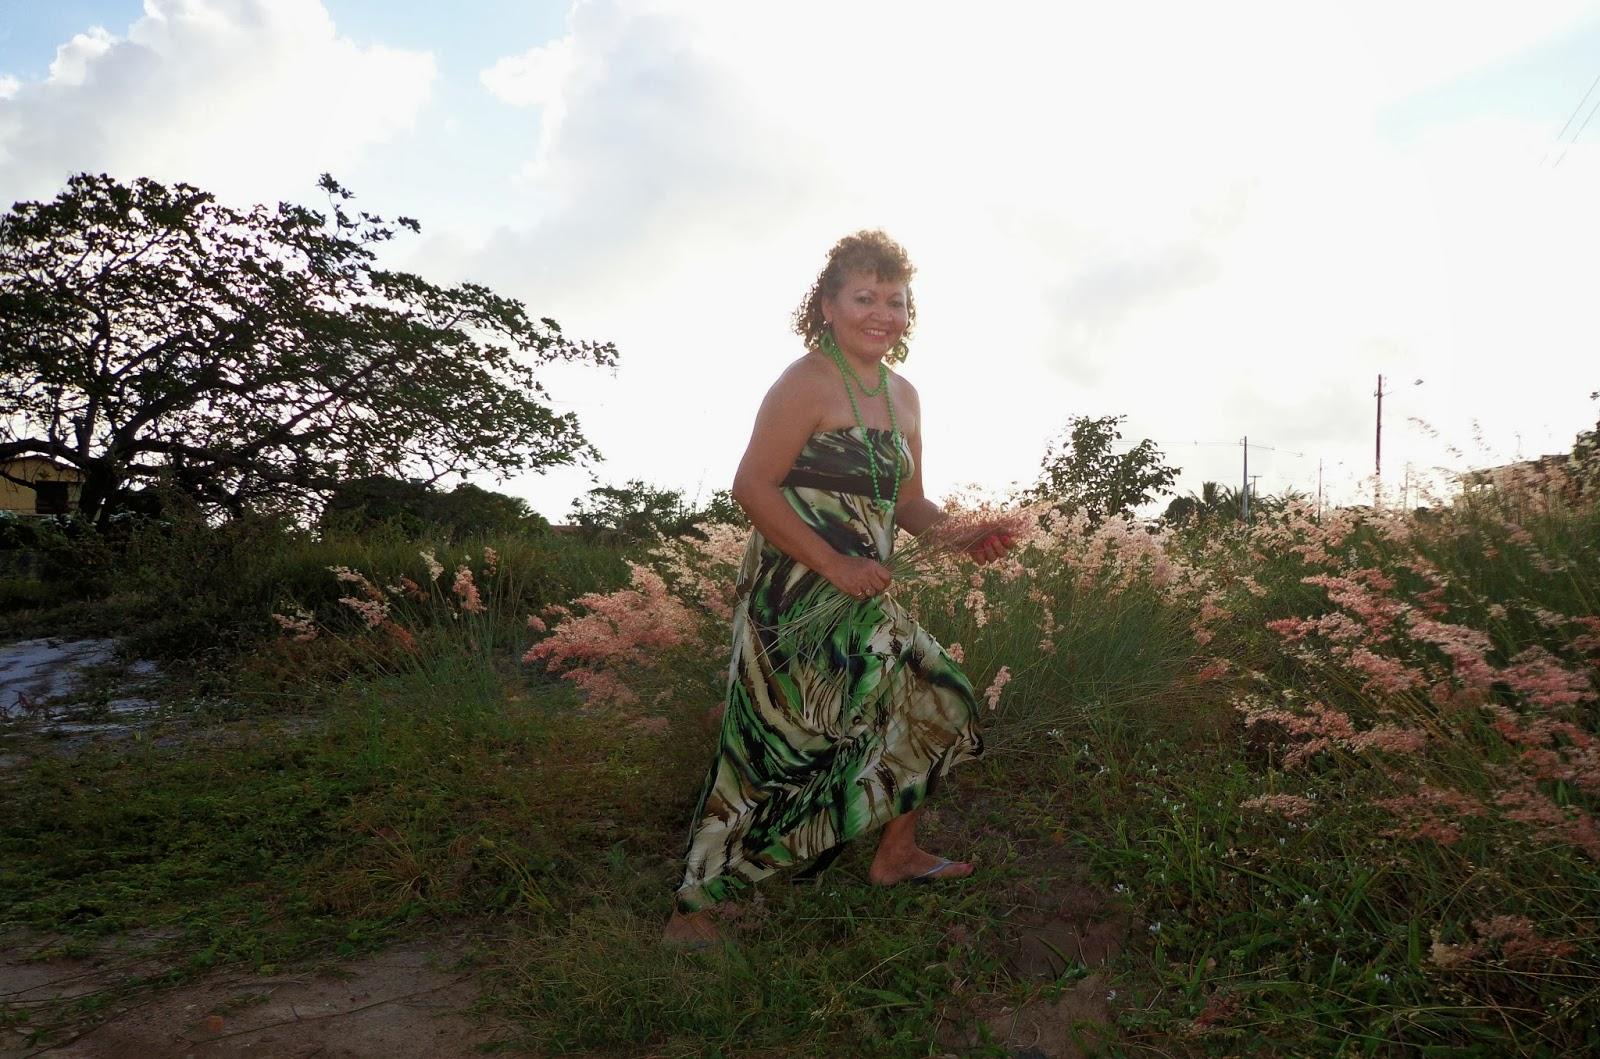 Bom Dia Família Linda Que Do Sol Caiam Raios De Alegria: FOLHAS DE OUTONO: FINAL DE TARDE